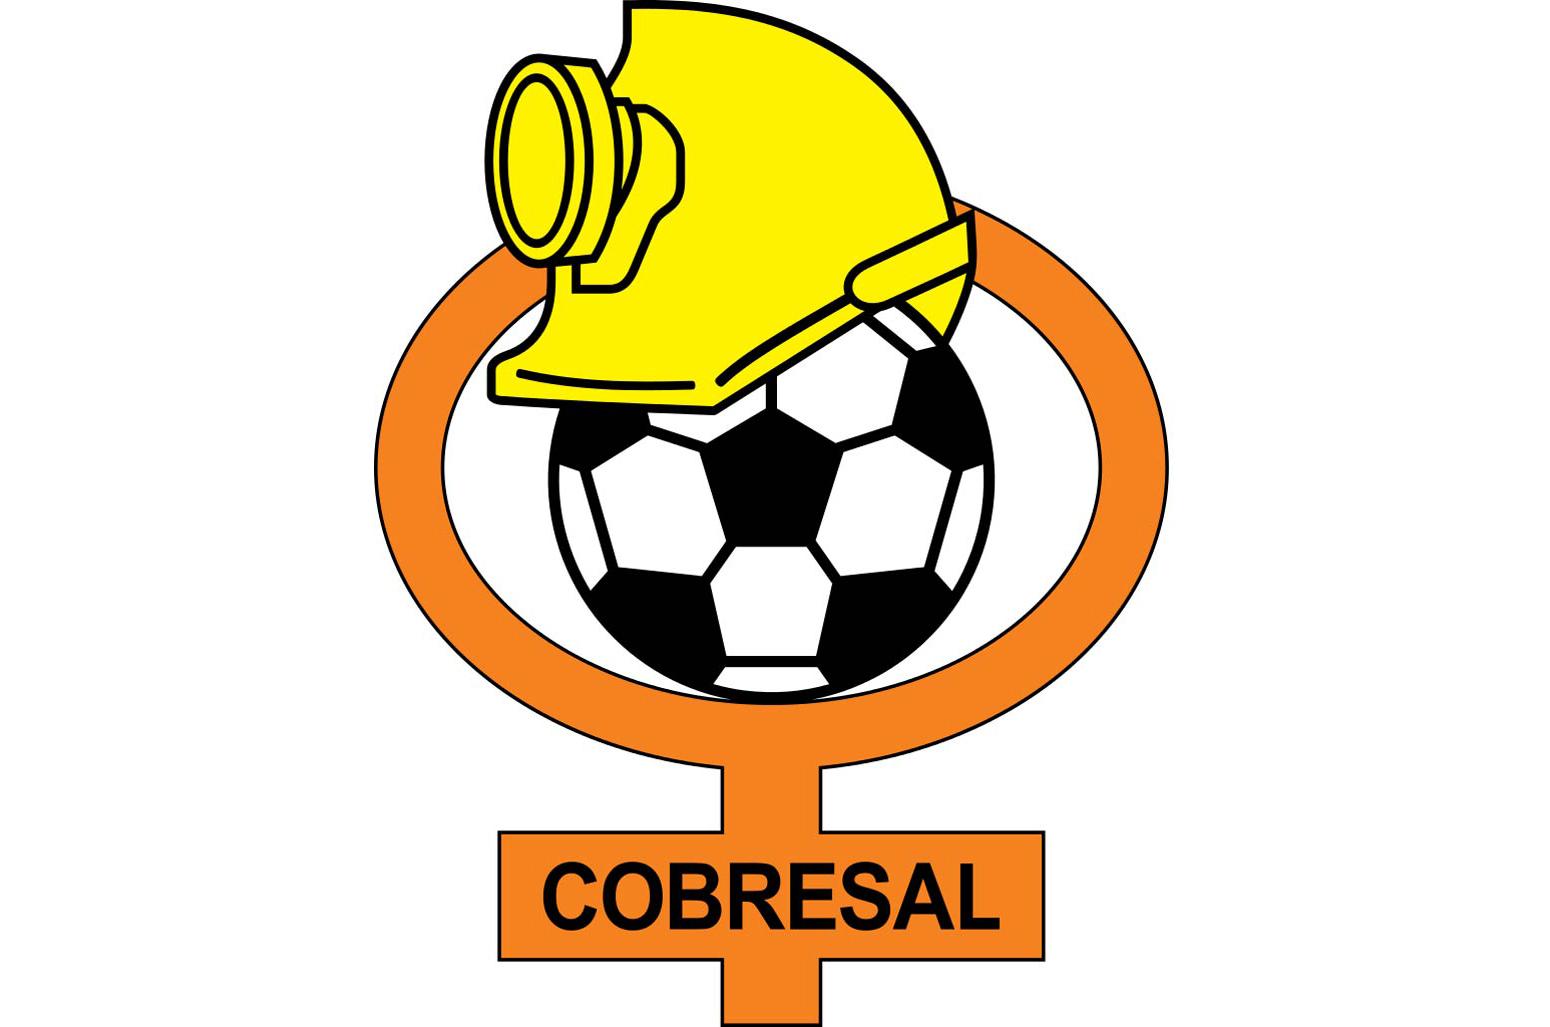 Club_de_Deportes_Cobresal_L